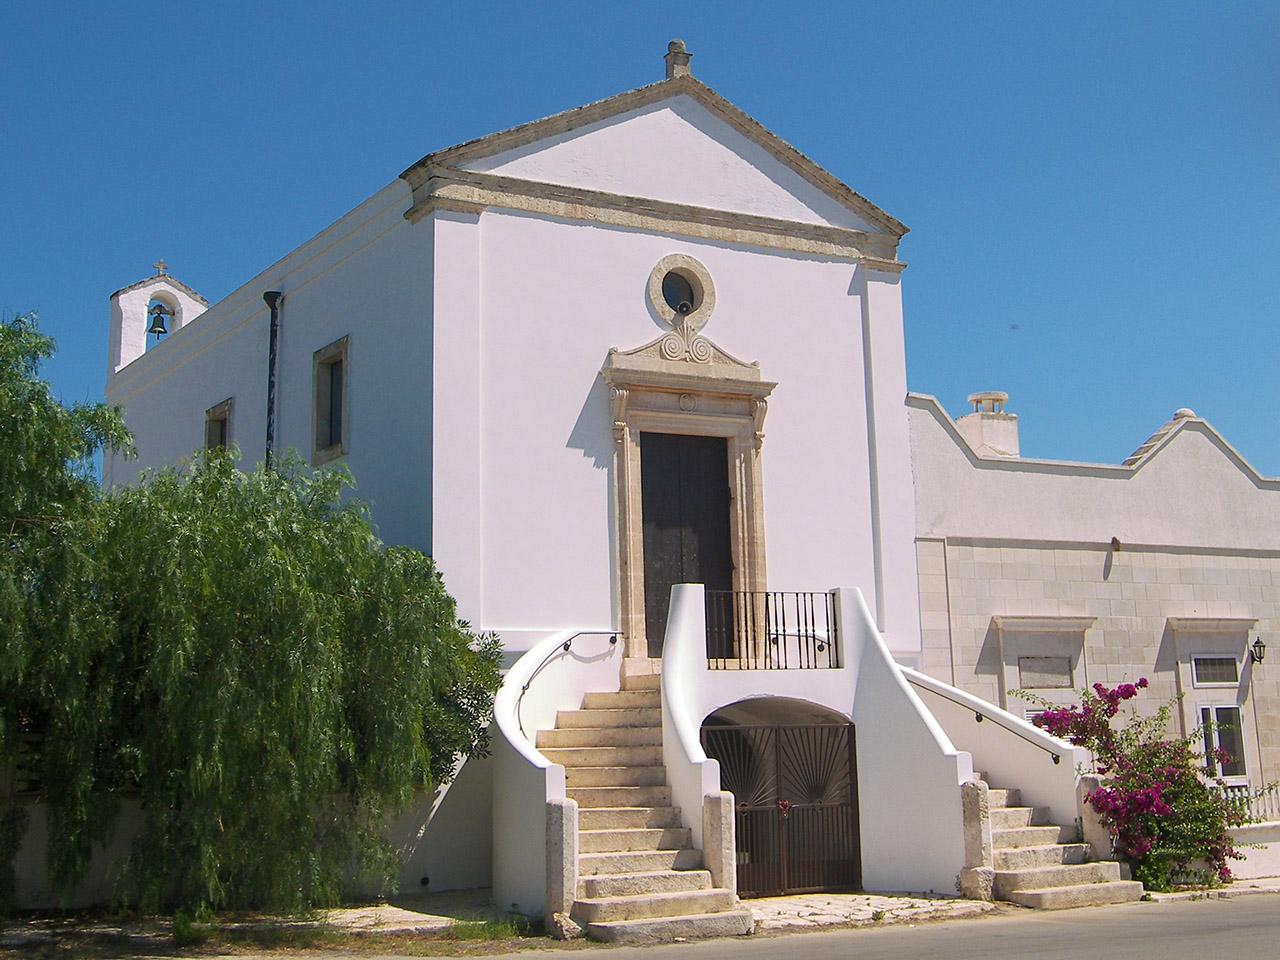 costruzioni restauri sirio ostuni chiesa madonna della croce villanova ostuni chiesetta villanova anteprima 1